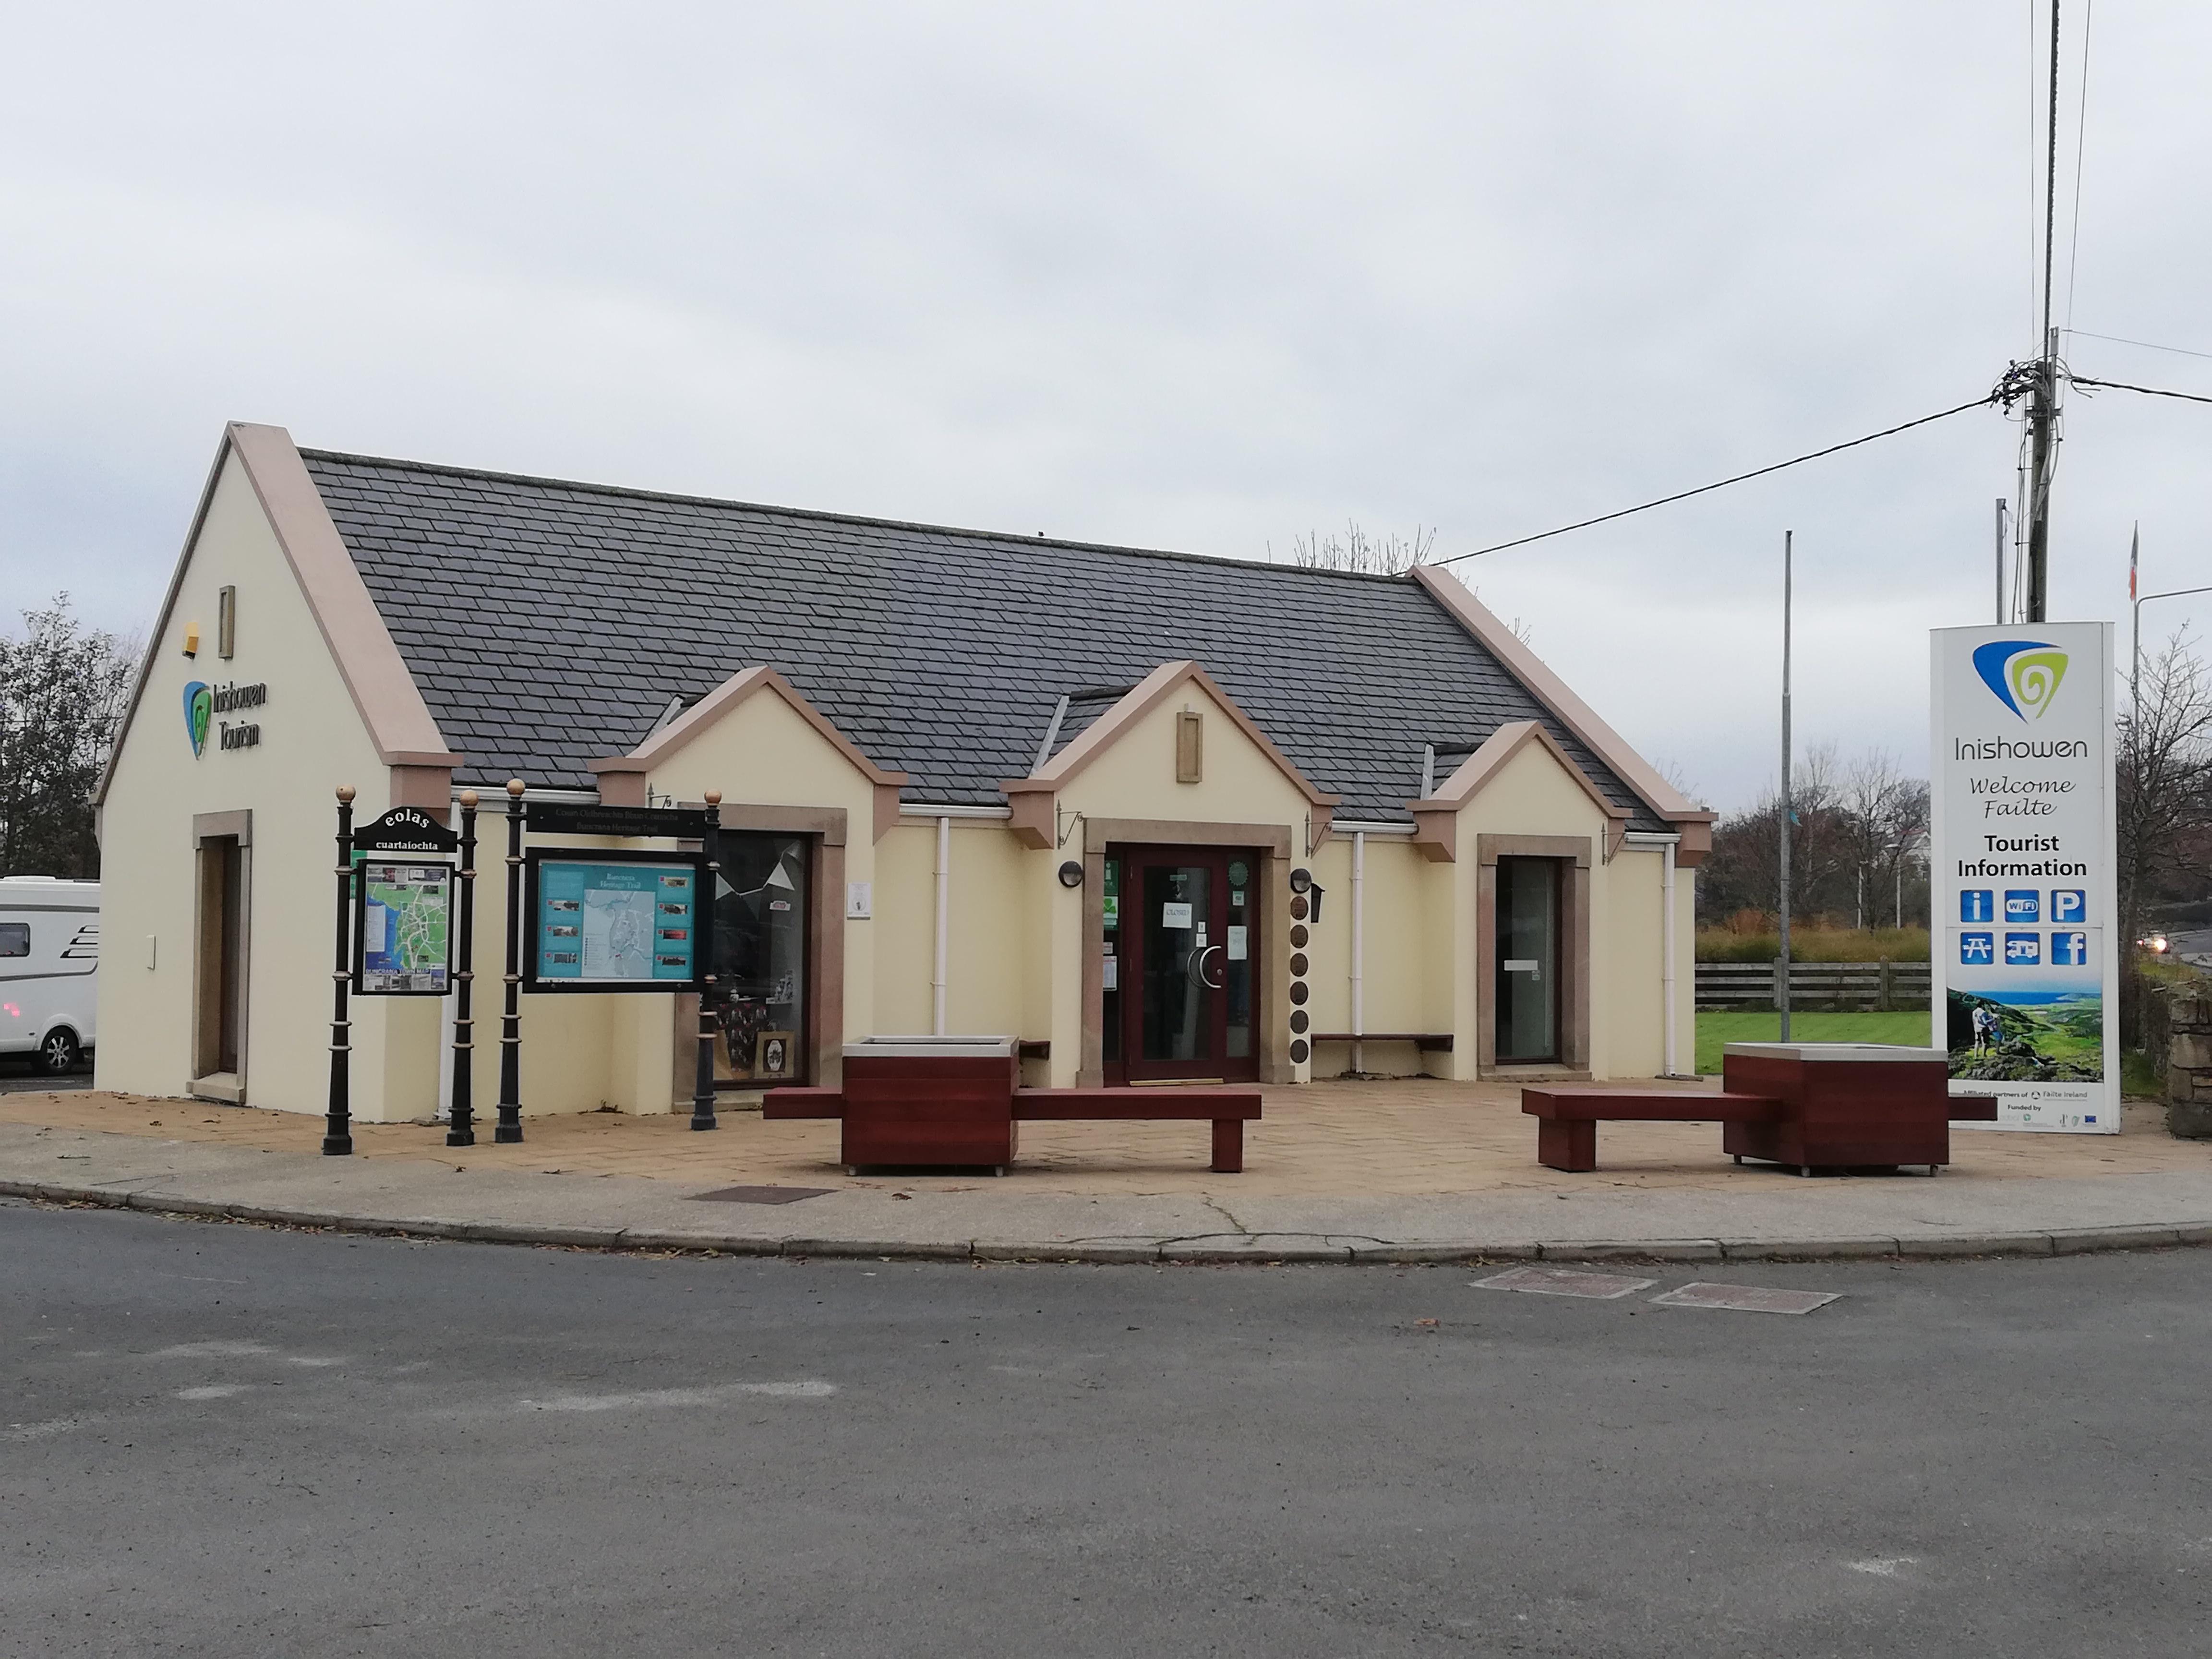 Inishowen Tourist Office